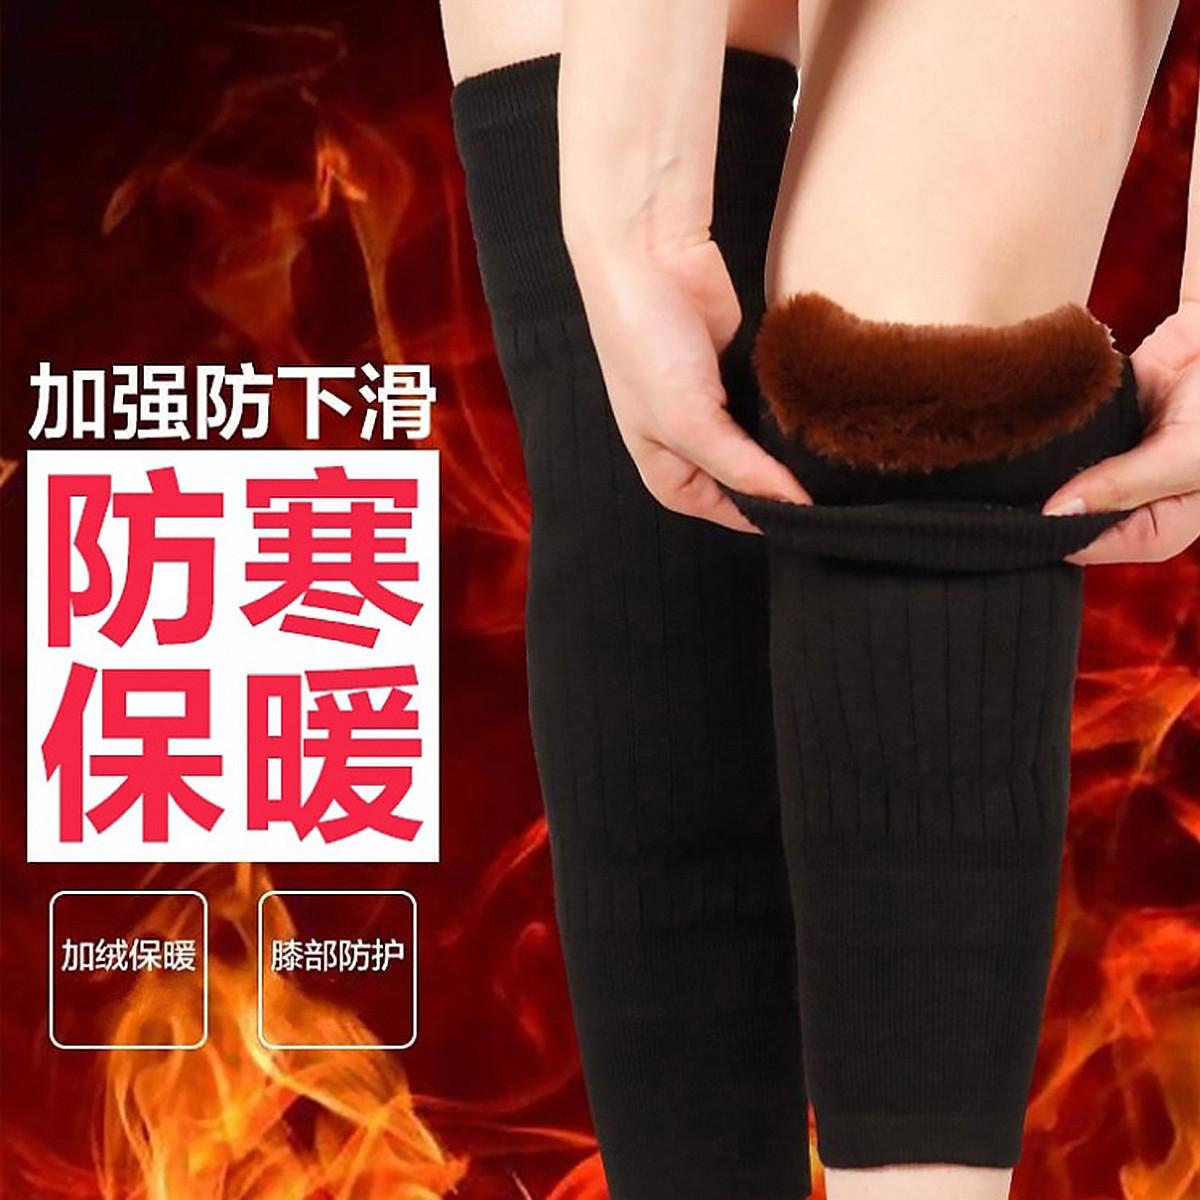 冬季羊绒护膝 保暖膝盖加厚长护腿 男女士骑车加绒发热防风